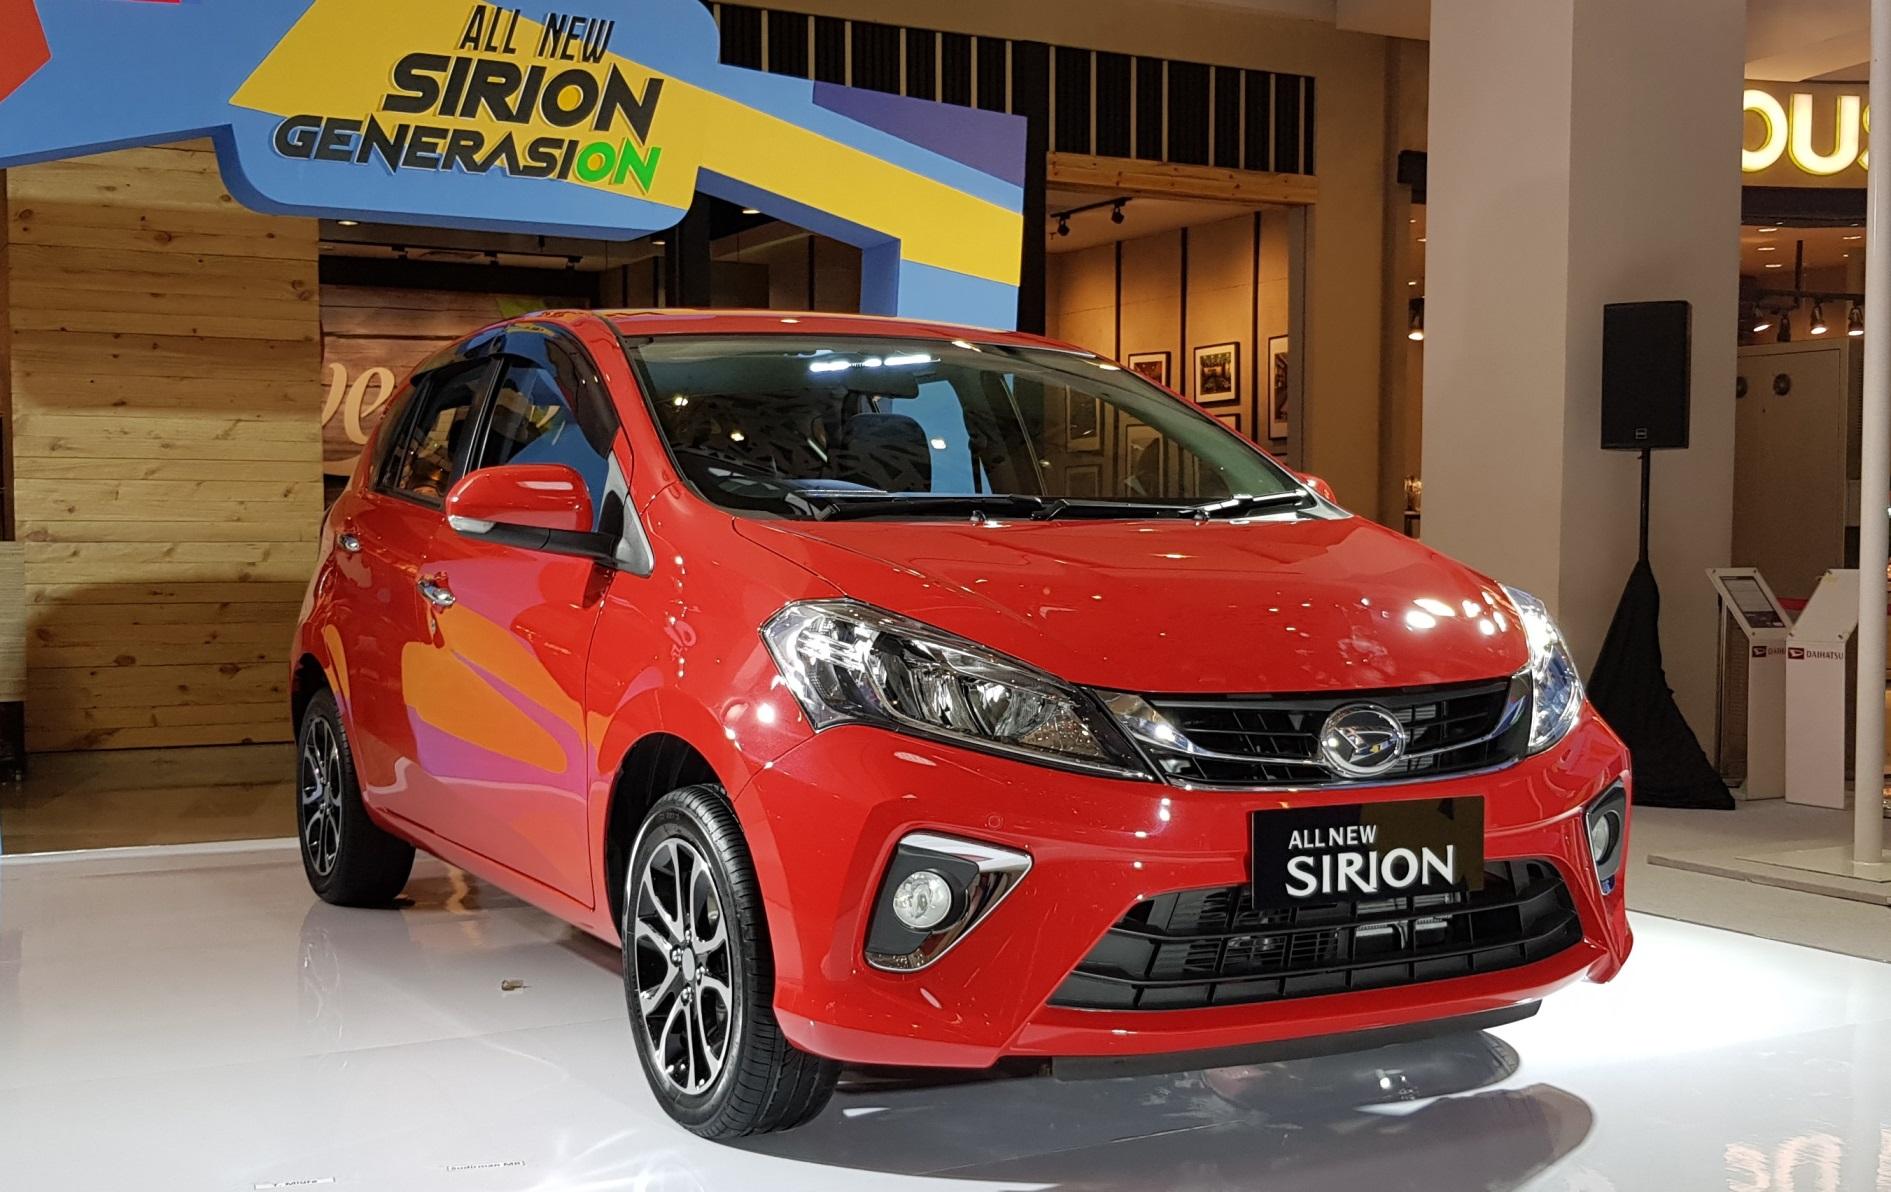 Tampak depan All New Sirion dengan warna baru 'Lava Red', tampil dengan desain yang stylish